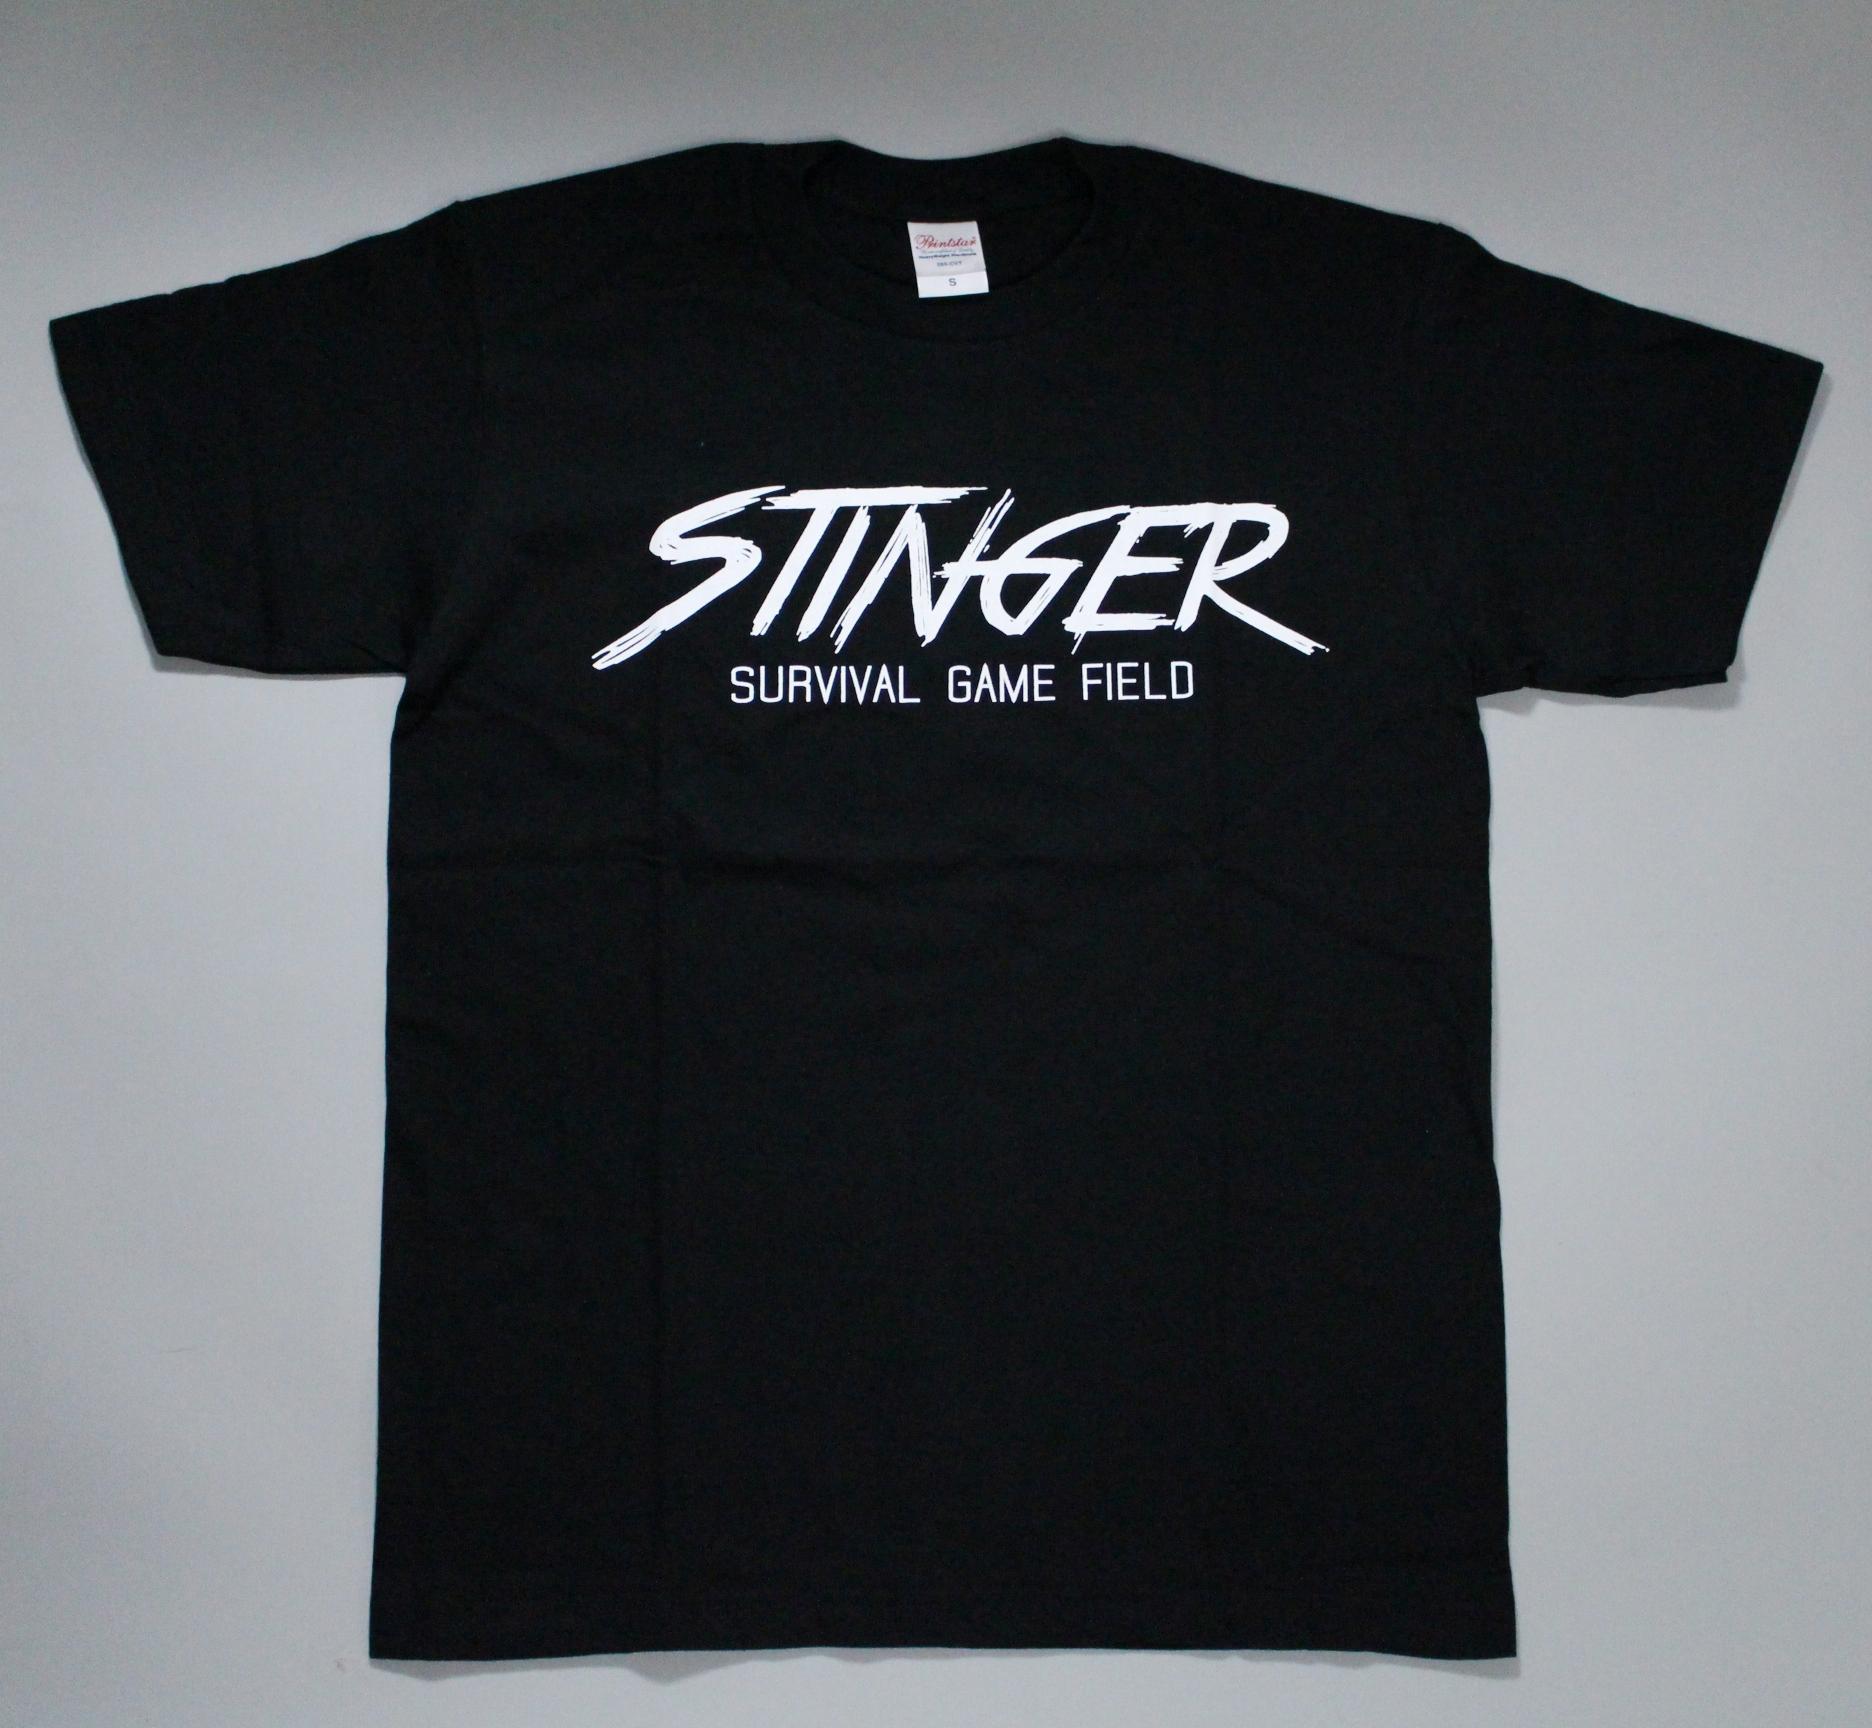 Tshirt02Black